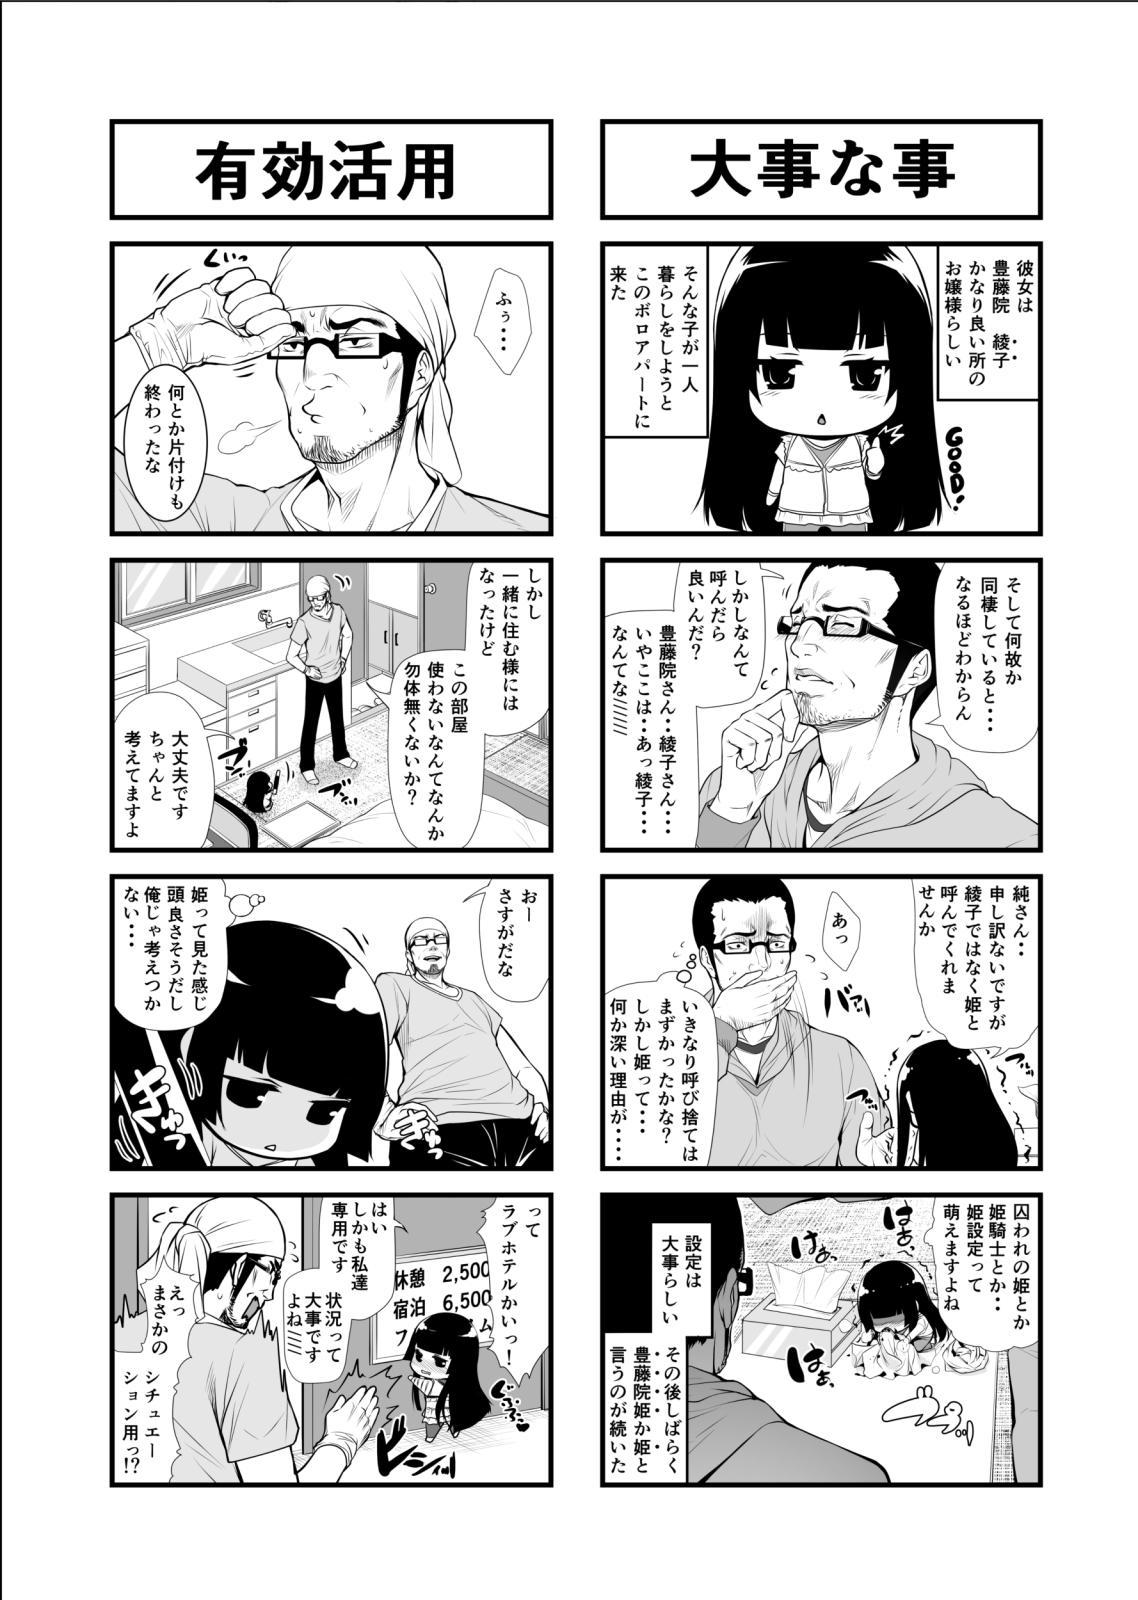 Yonjyouhan x Monogatari Nijoume 36